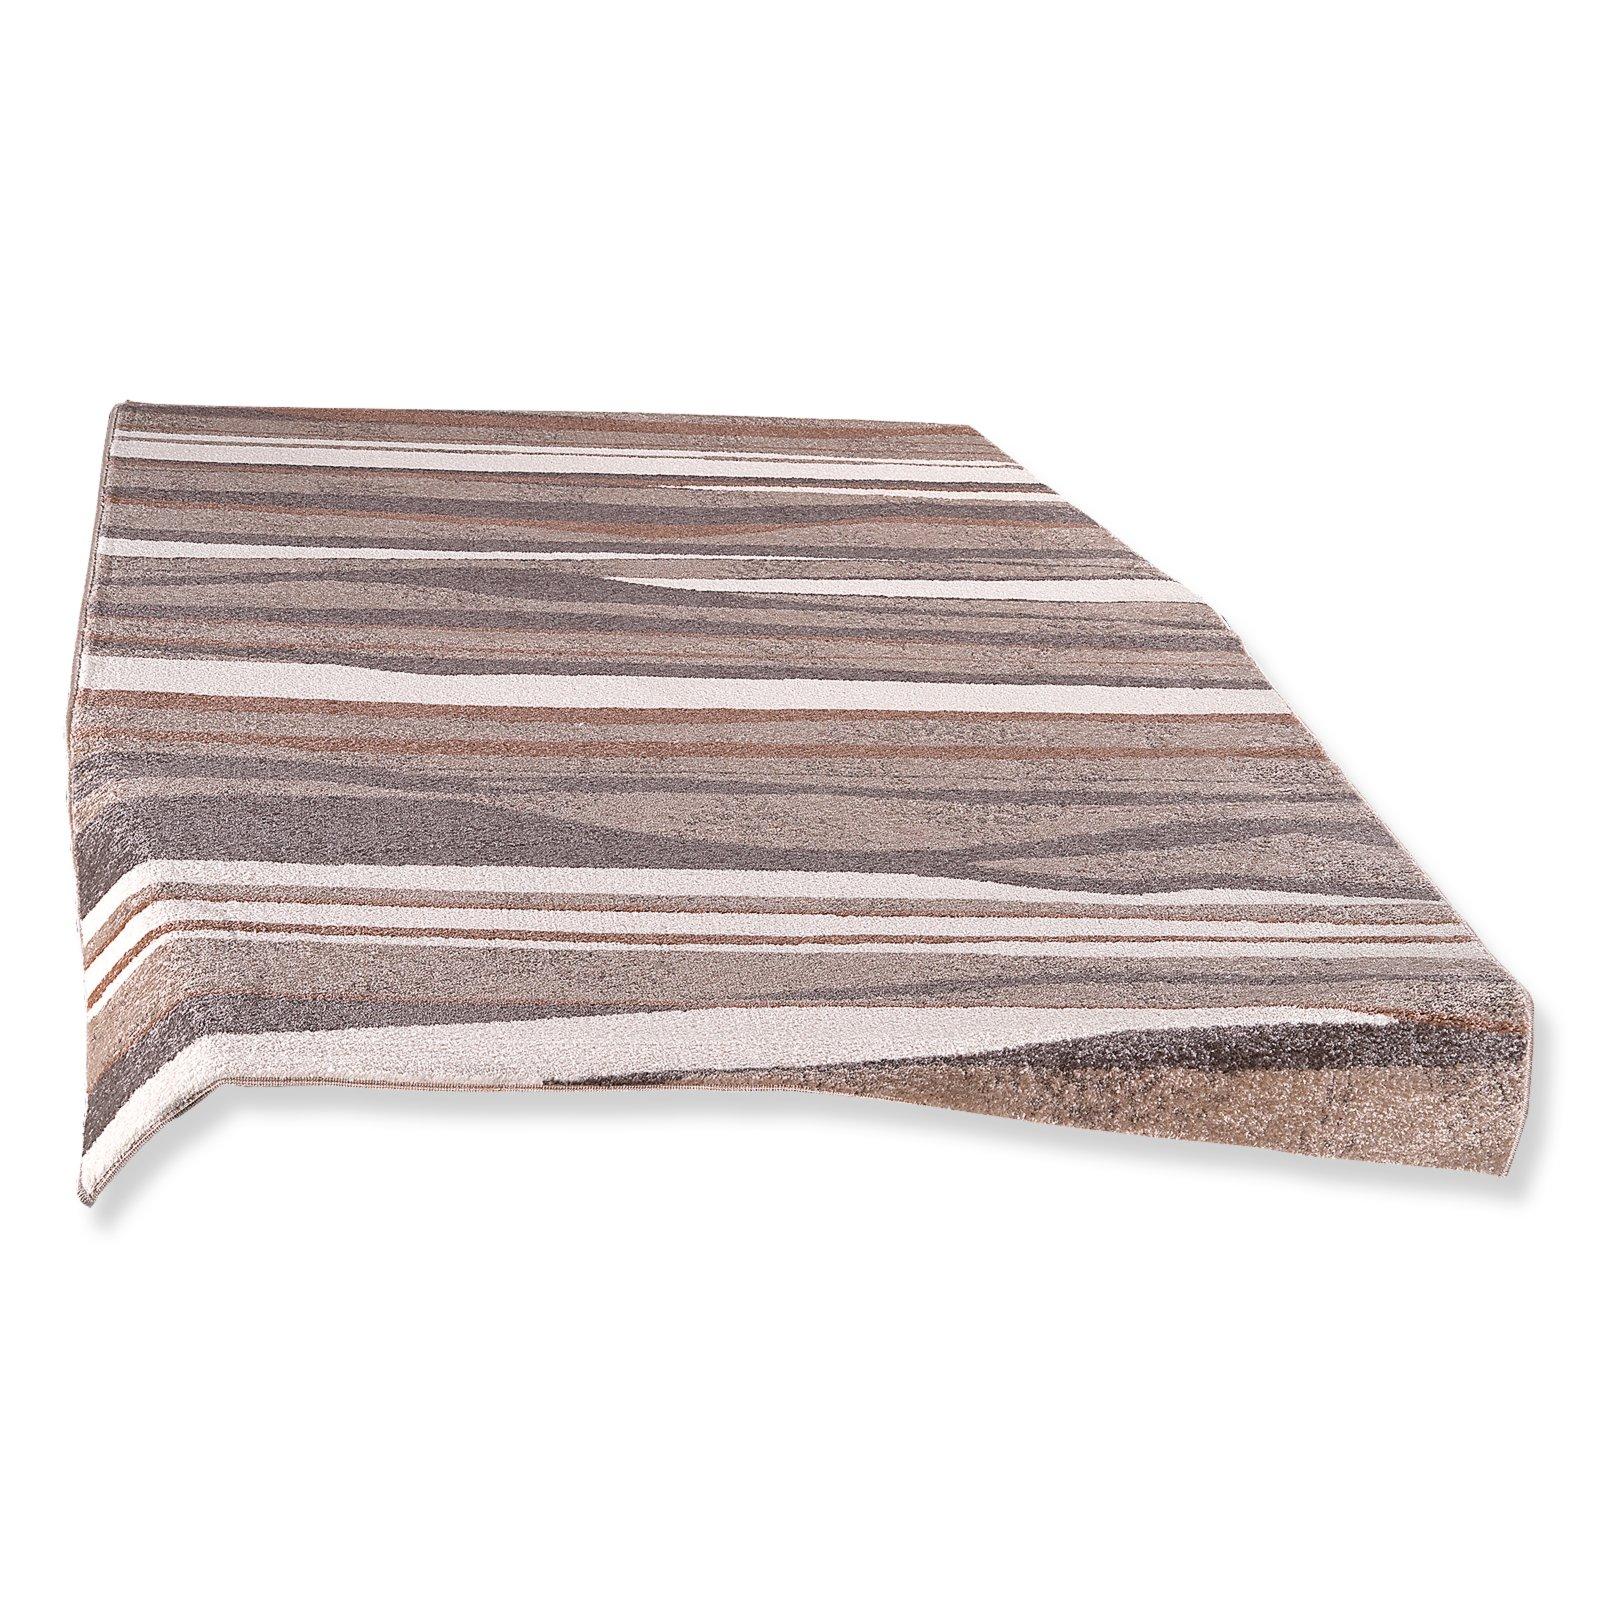 teppich beige 60x110 cm gemusterte teppiche teppiche l ufer deko haushalt roller. Black Bedroom Furniture Sets. Home Design Ideas